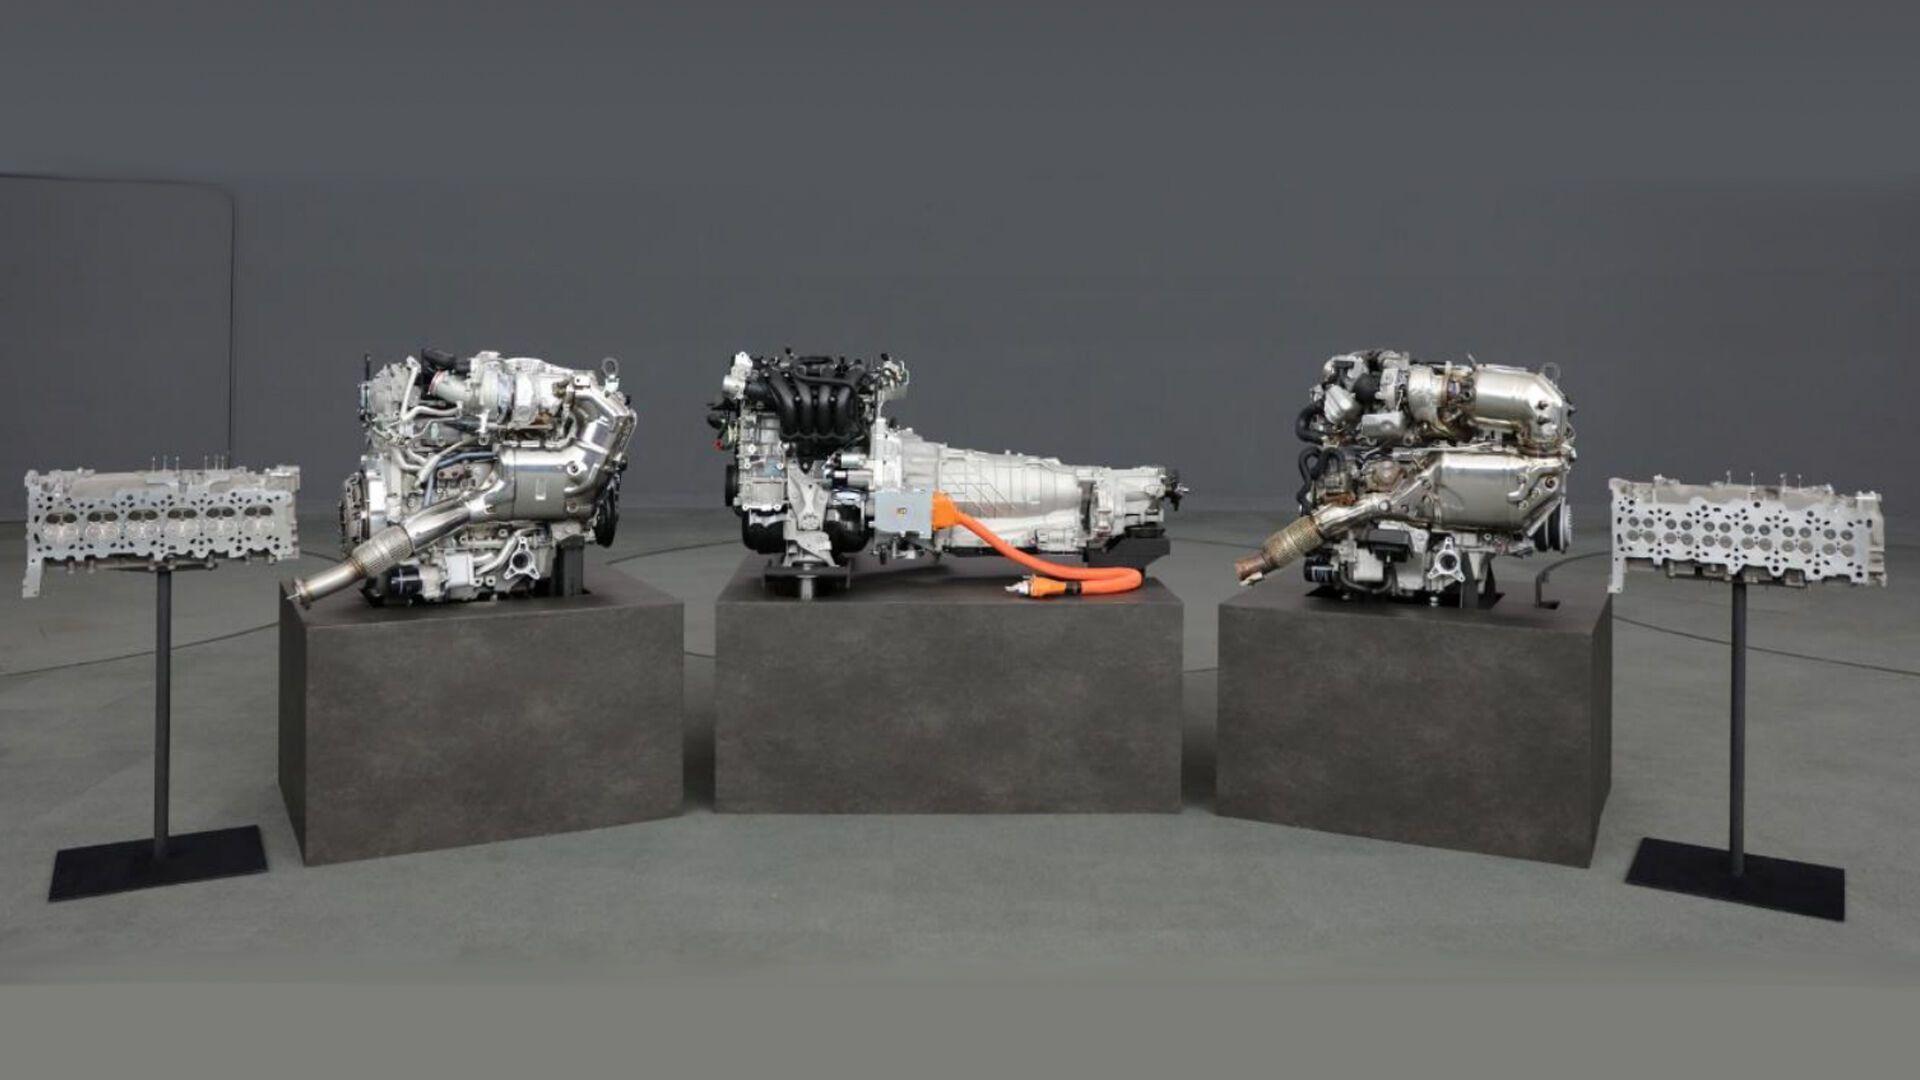 Mazda показала новую генерацию силовых агрегатов, в том числе шестицилиндровые рядные моторы